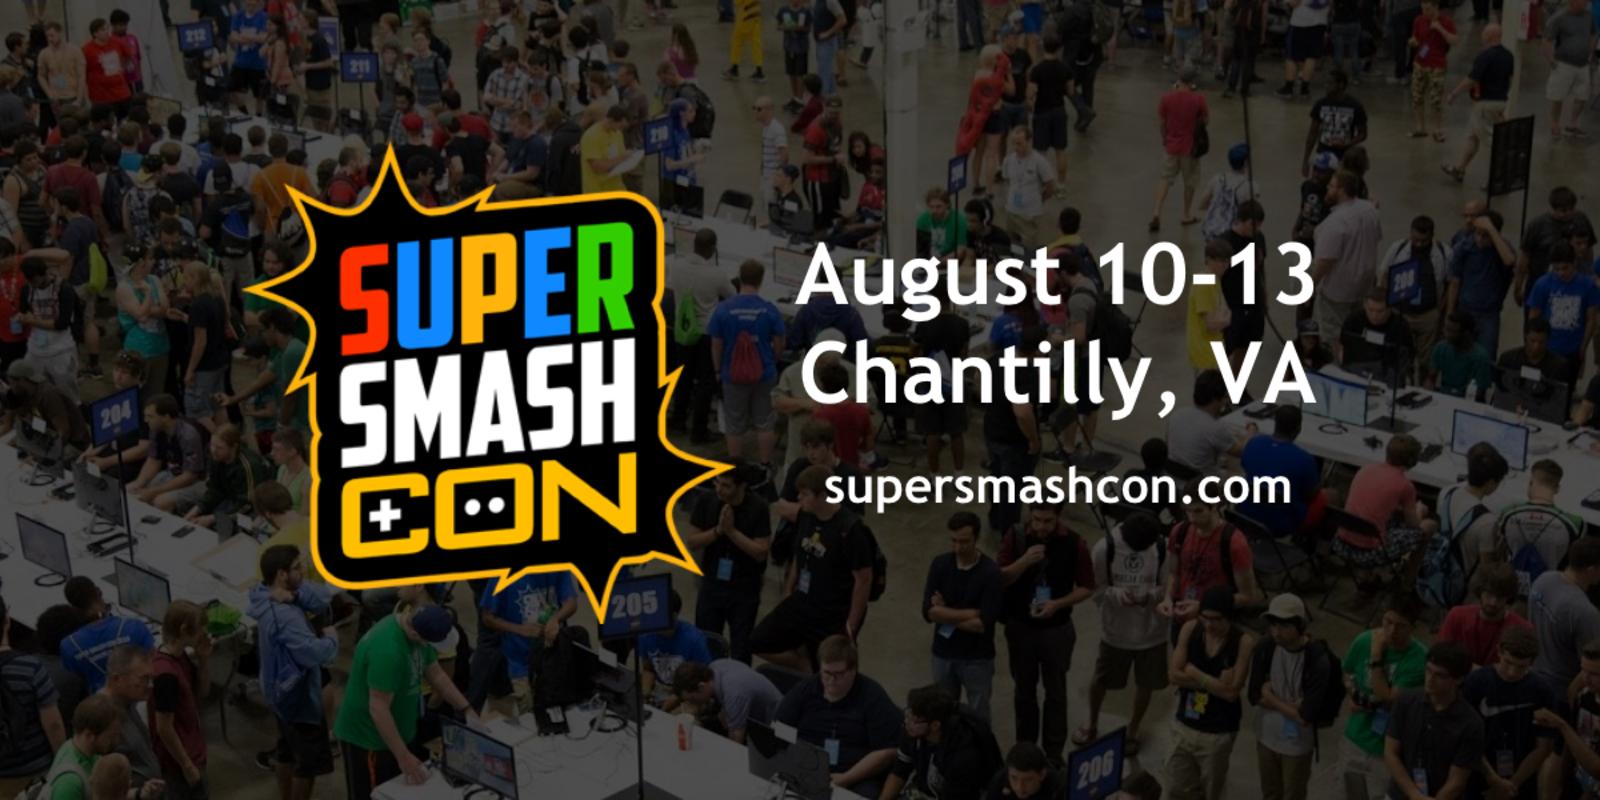 Smash Tour: August 11-13 ~ Super Smash Con 2017, SmashBox 4 - n3rdabl3